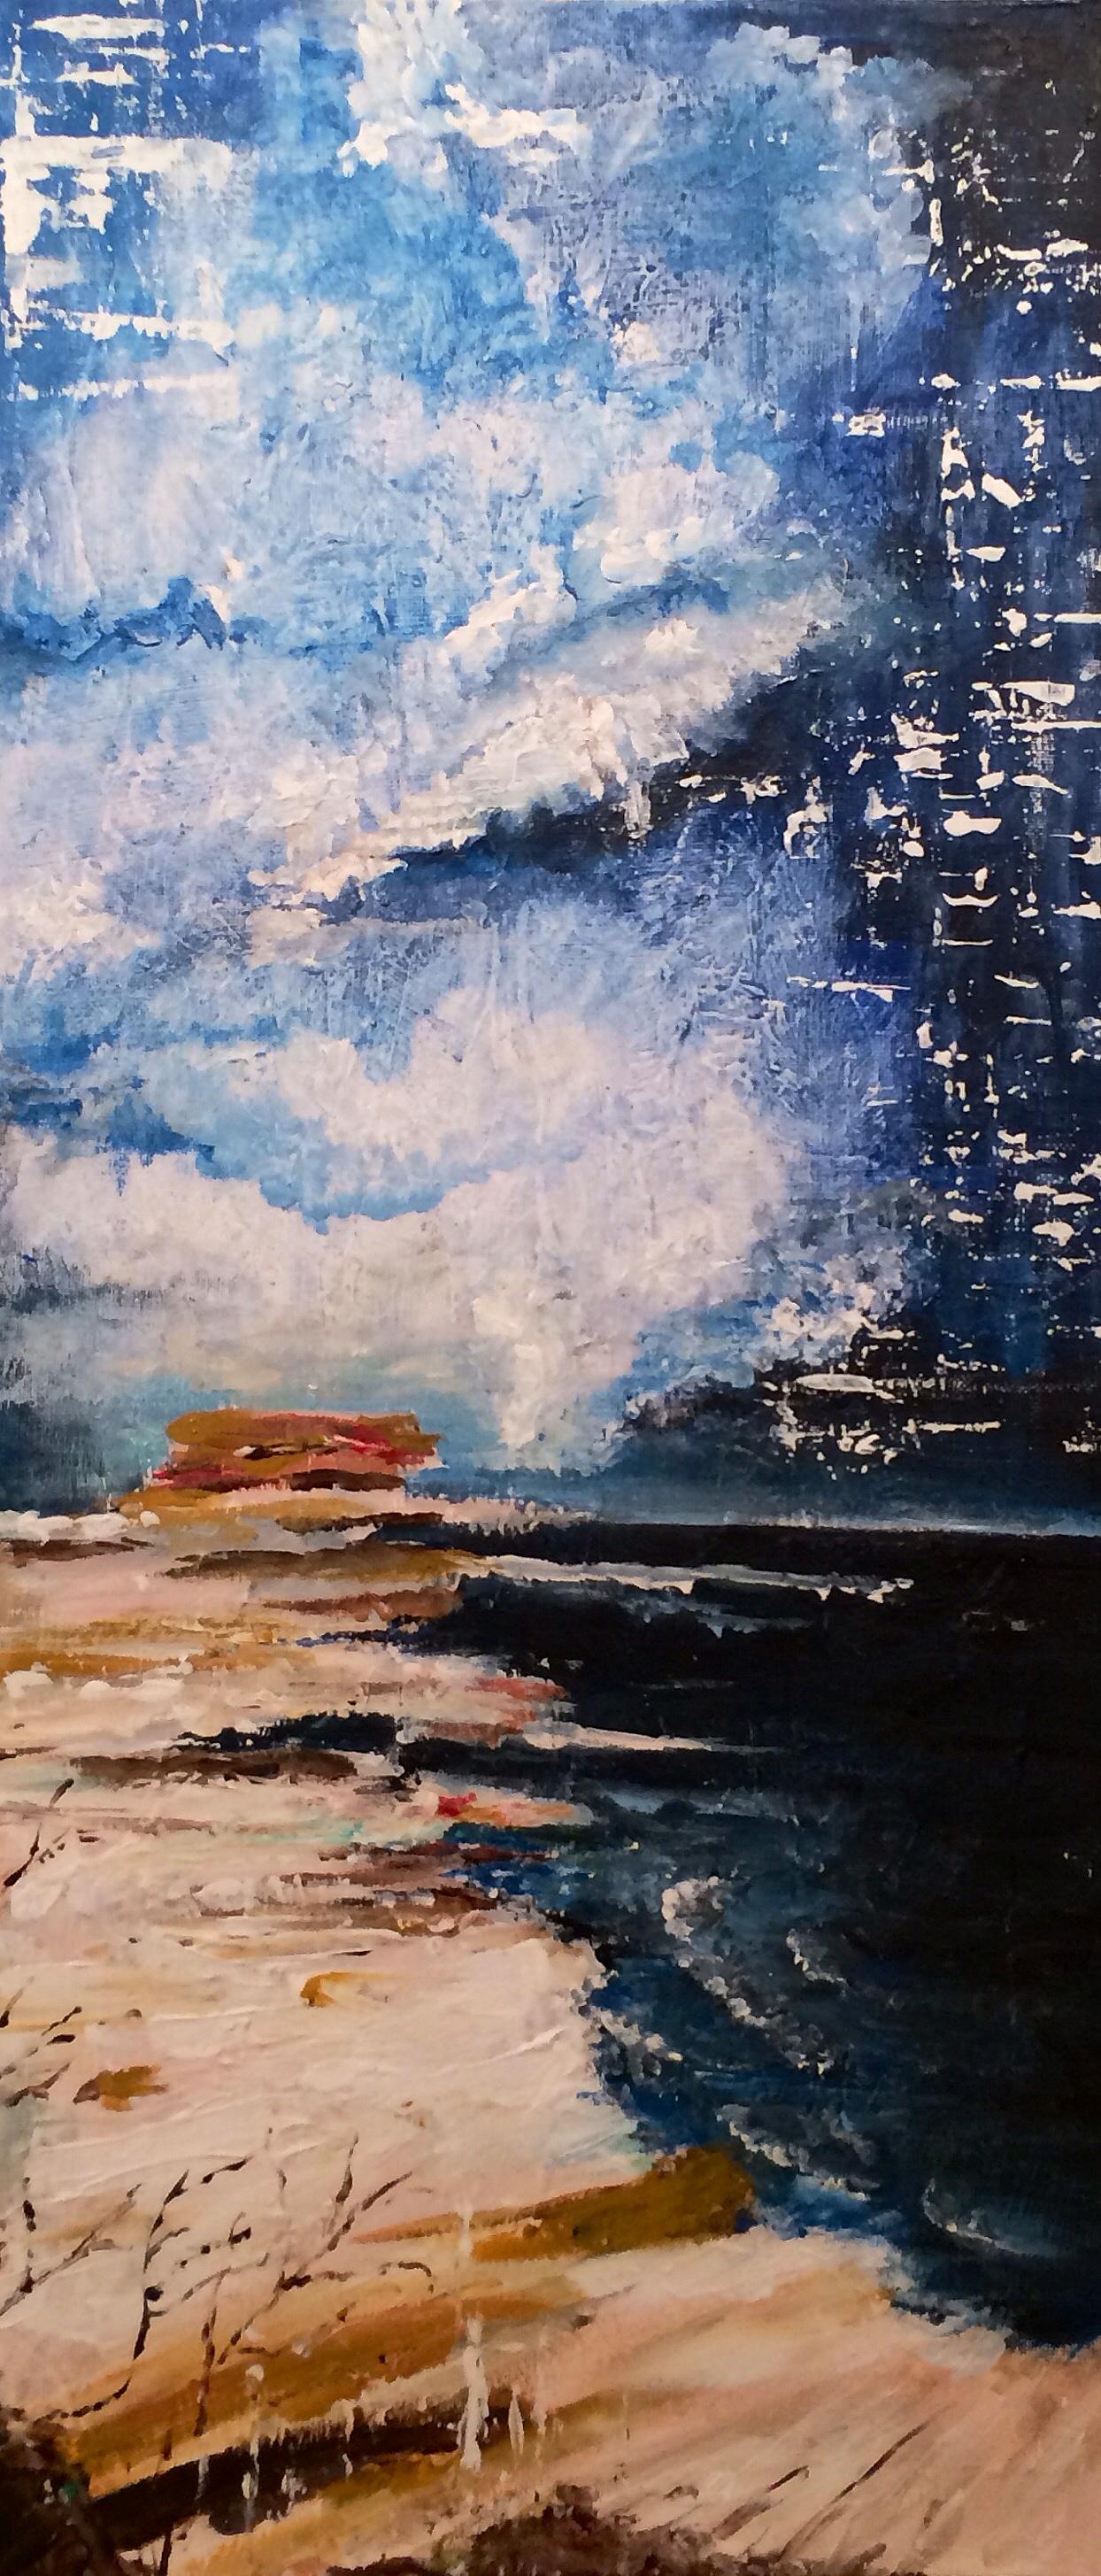 Unlost at Sea